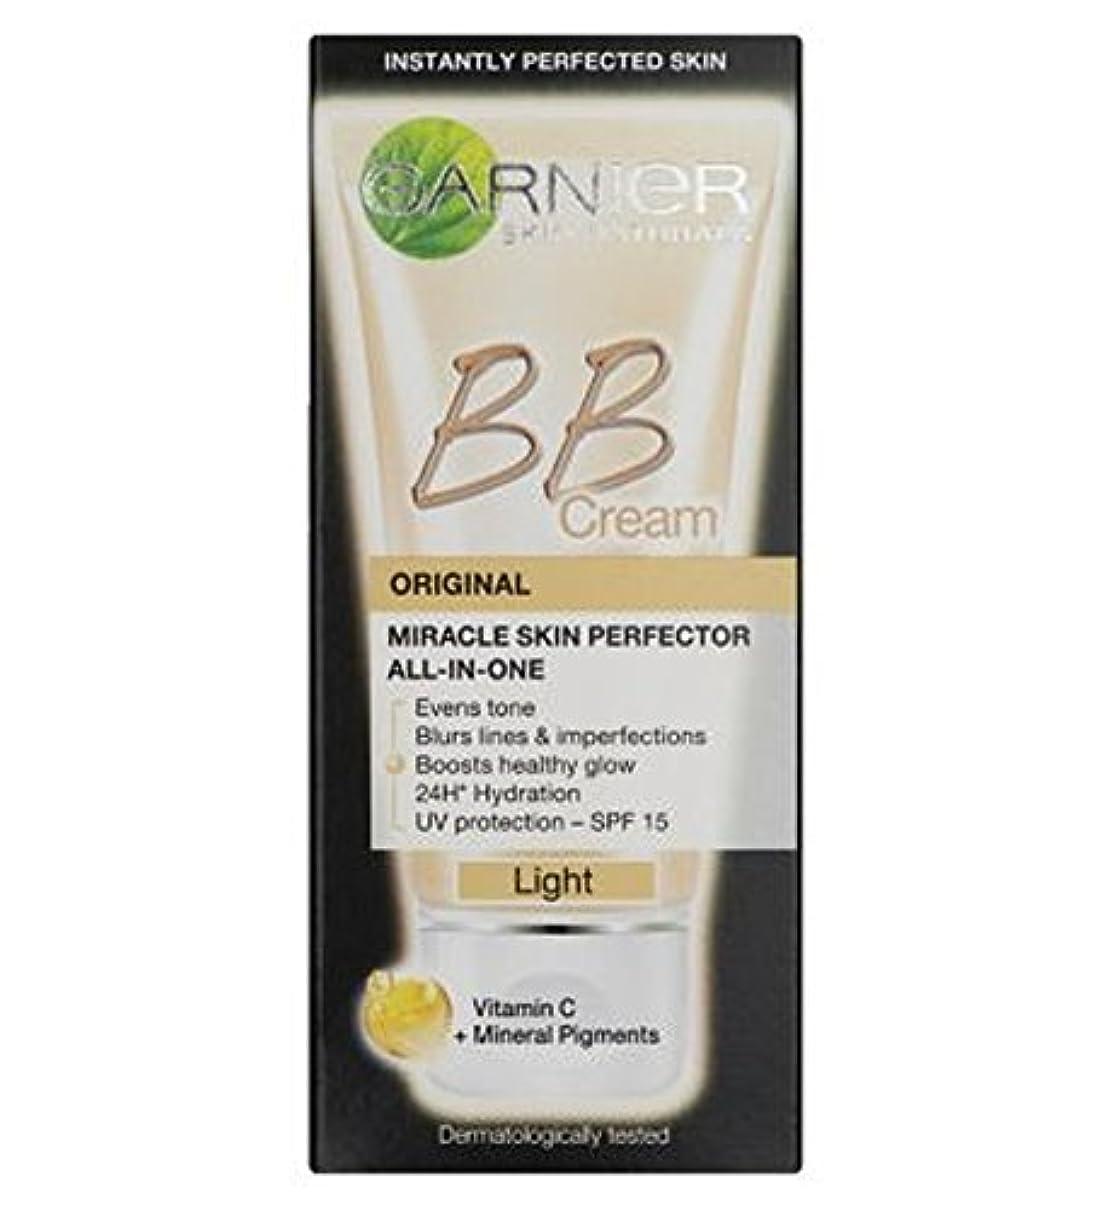 派手航海の中絶Garnier Skin Perfector Daily All-In-One B.B. Blemish Balm Cream Light 50ml - 毎日オールインワンB.B.ガルニエスキンパーフェク傷バームクリームライト...